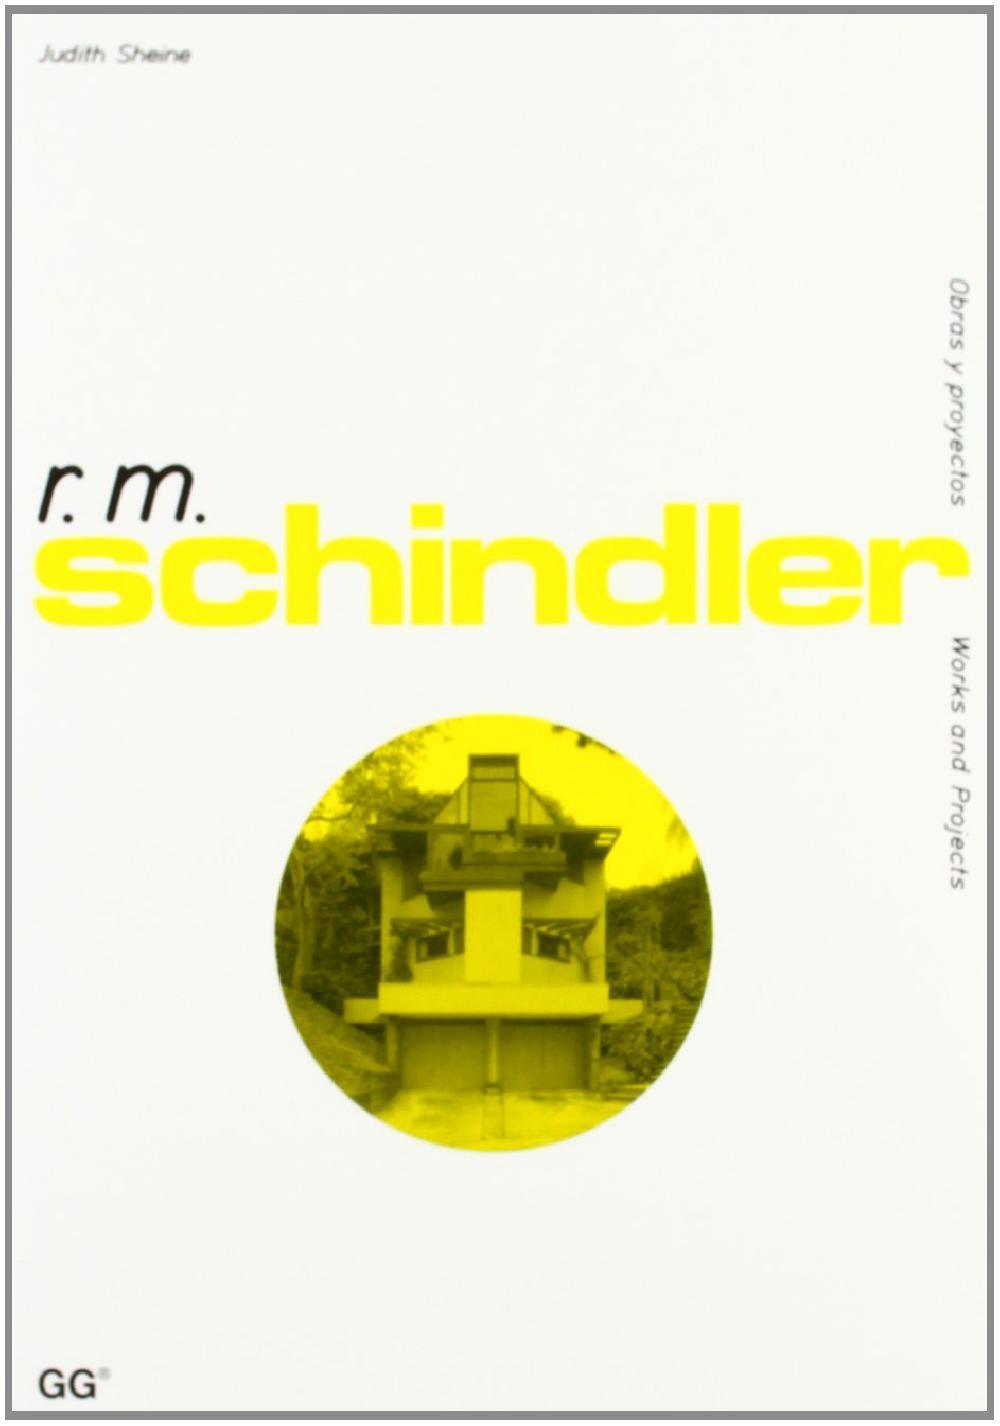 r.m. schindler